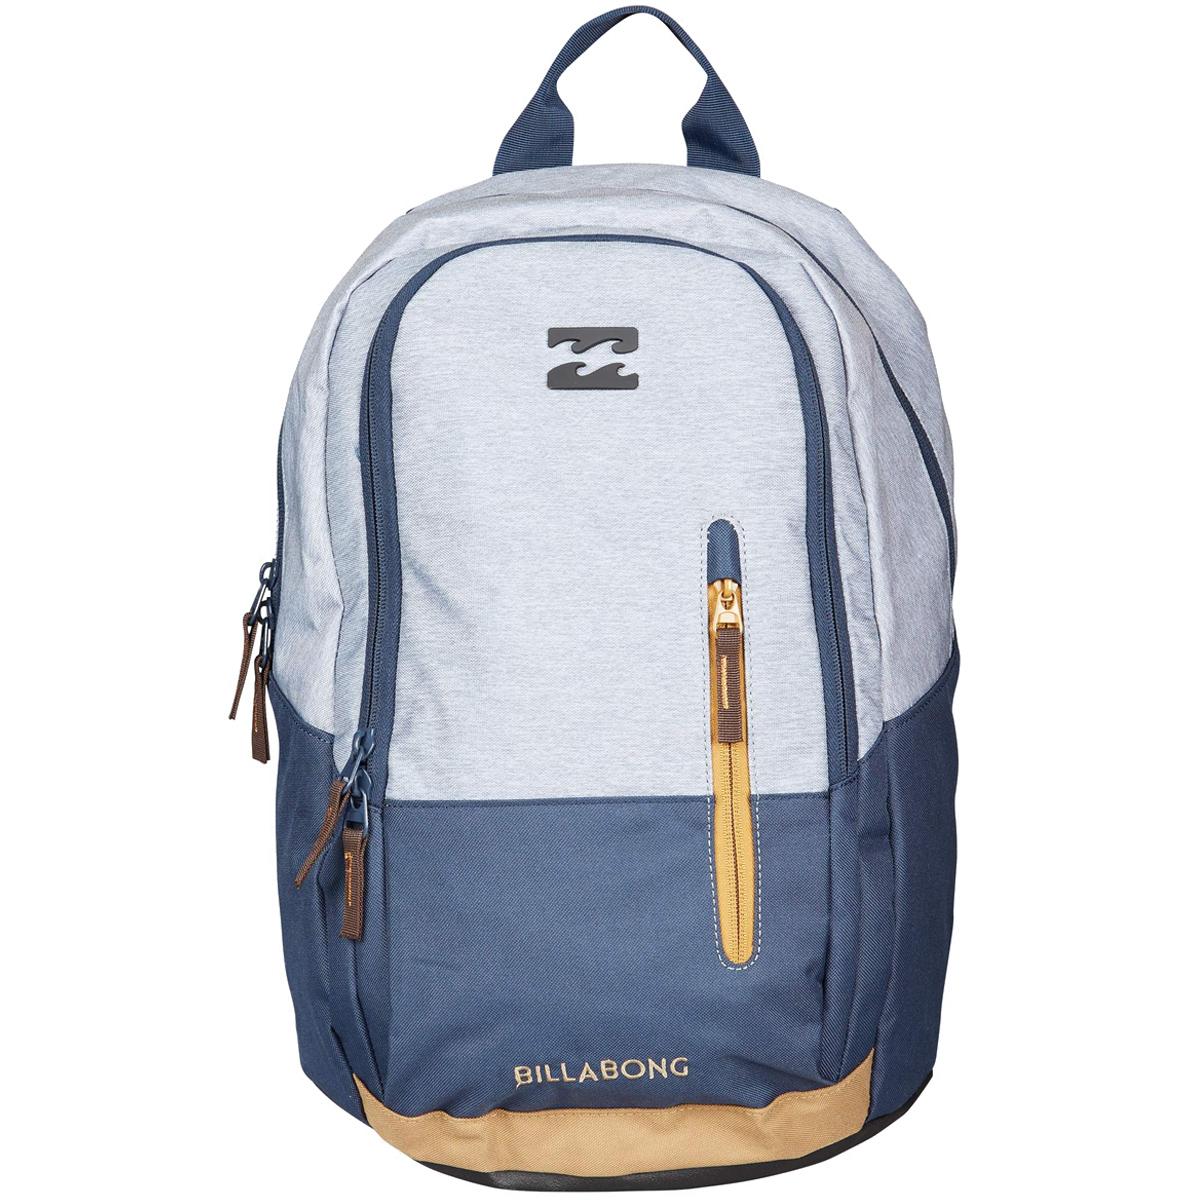 Рюкзак городской Billabong Shadow pack, цвет: серый, синий. 3607869368608ГризлиСтильный и удобный рюкзак, компактный и достаточно вместительный. Отделение под ноутбук…